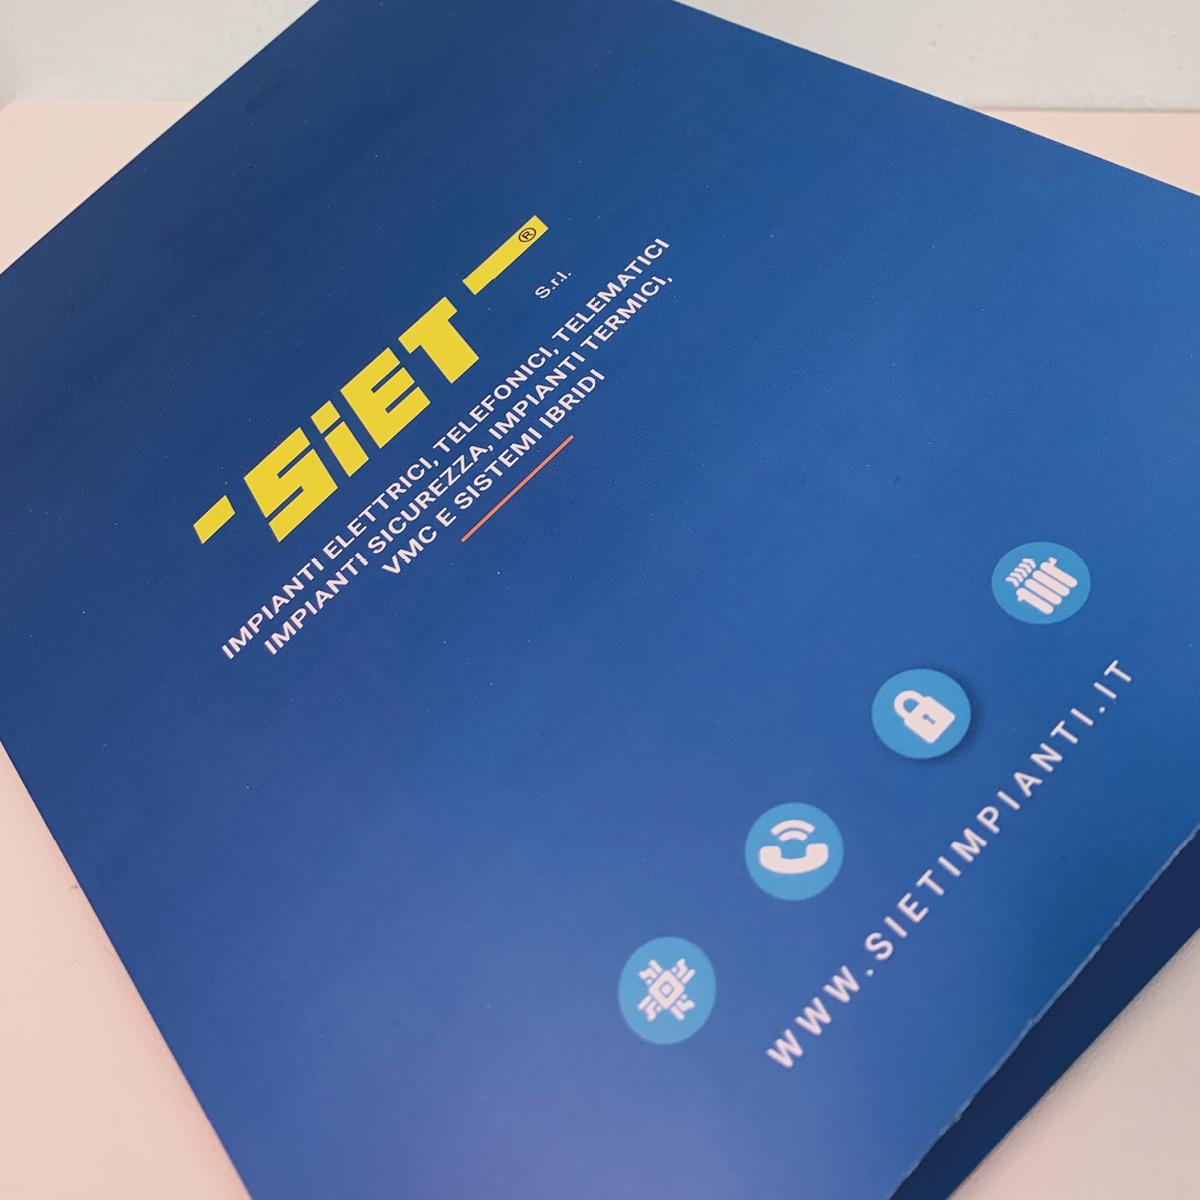 Cartellina aziendale personalizzata - Siet Impianti Albino (Bergamo)